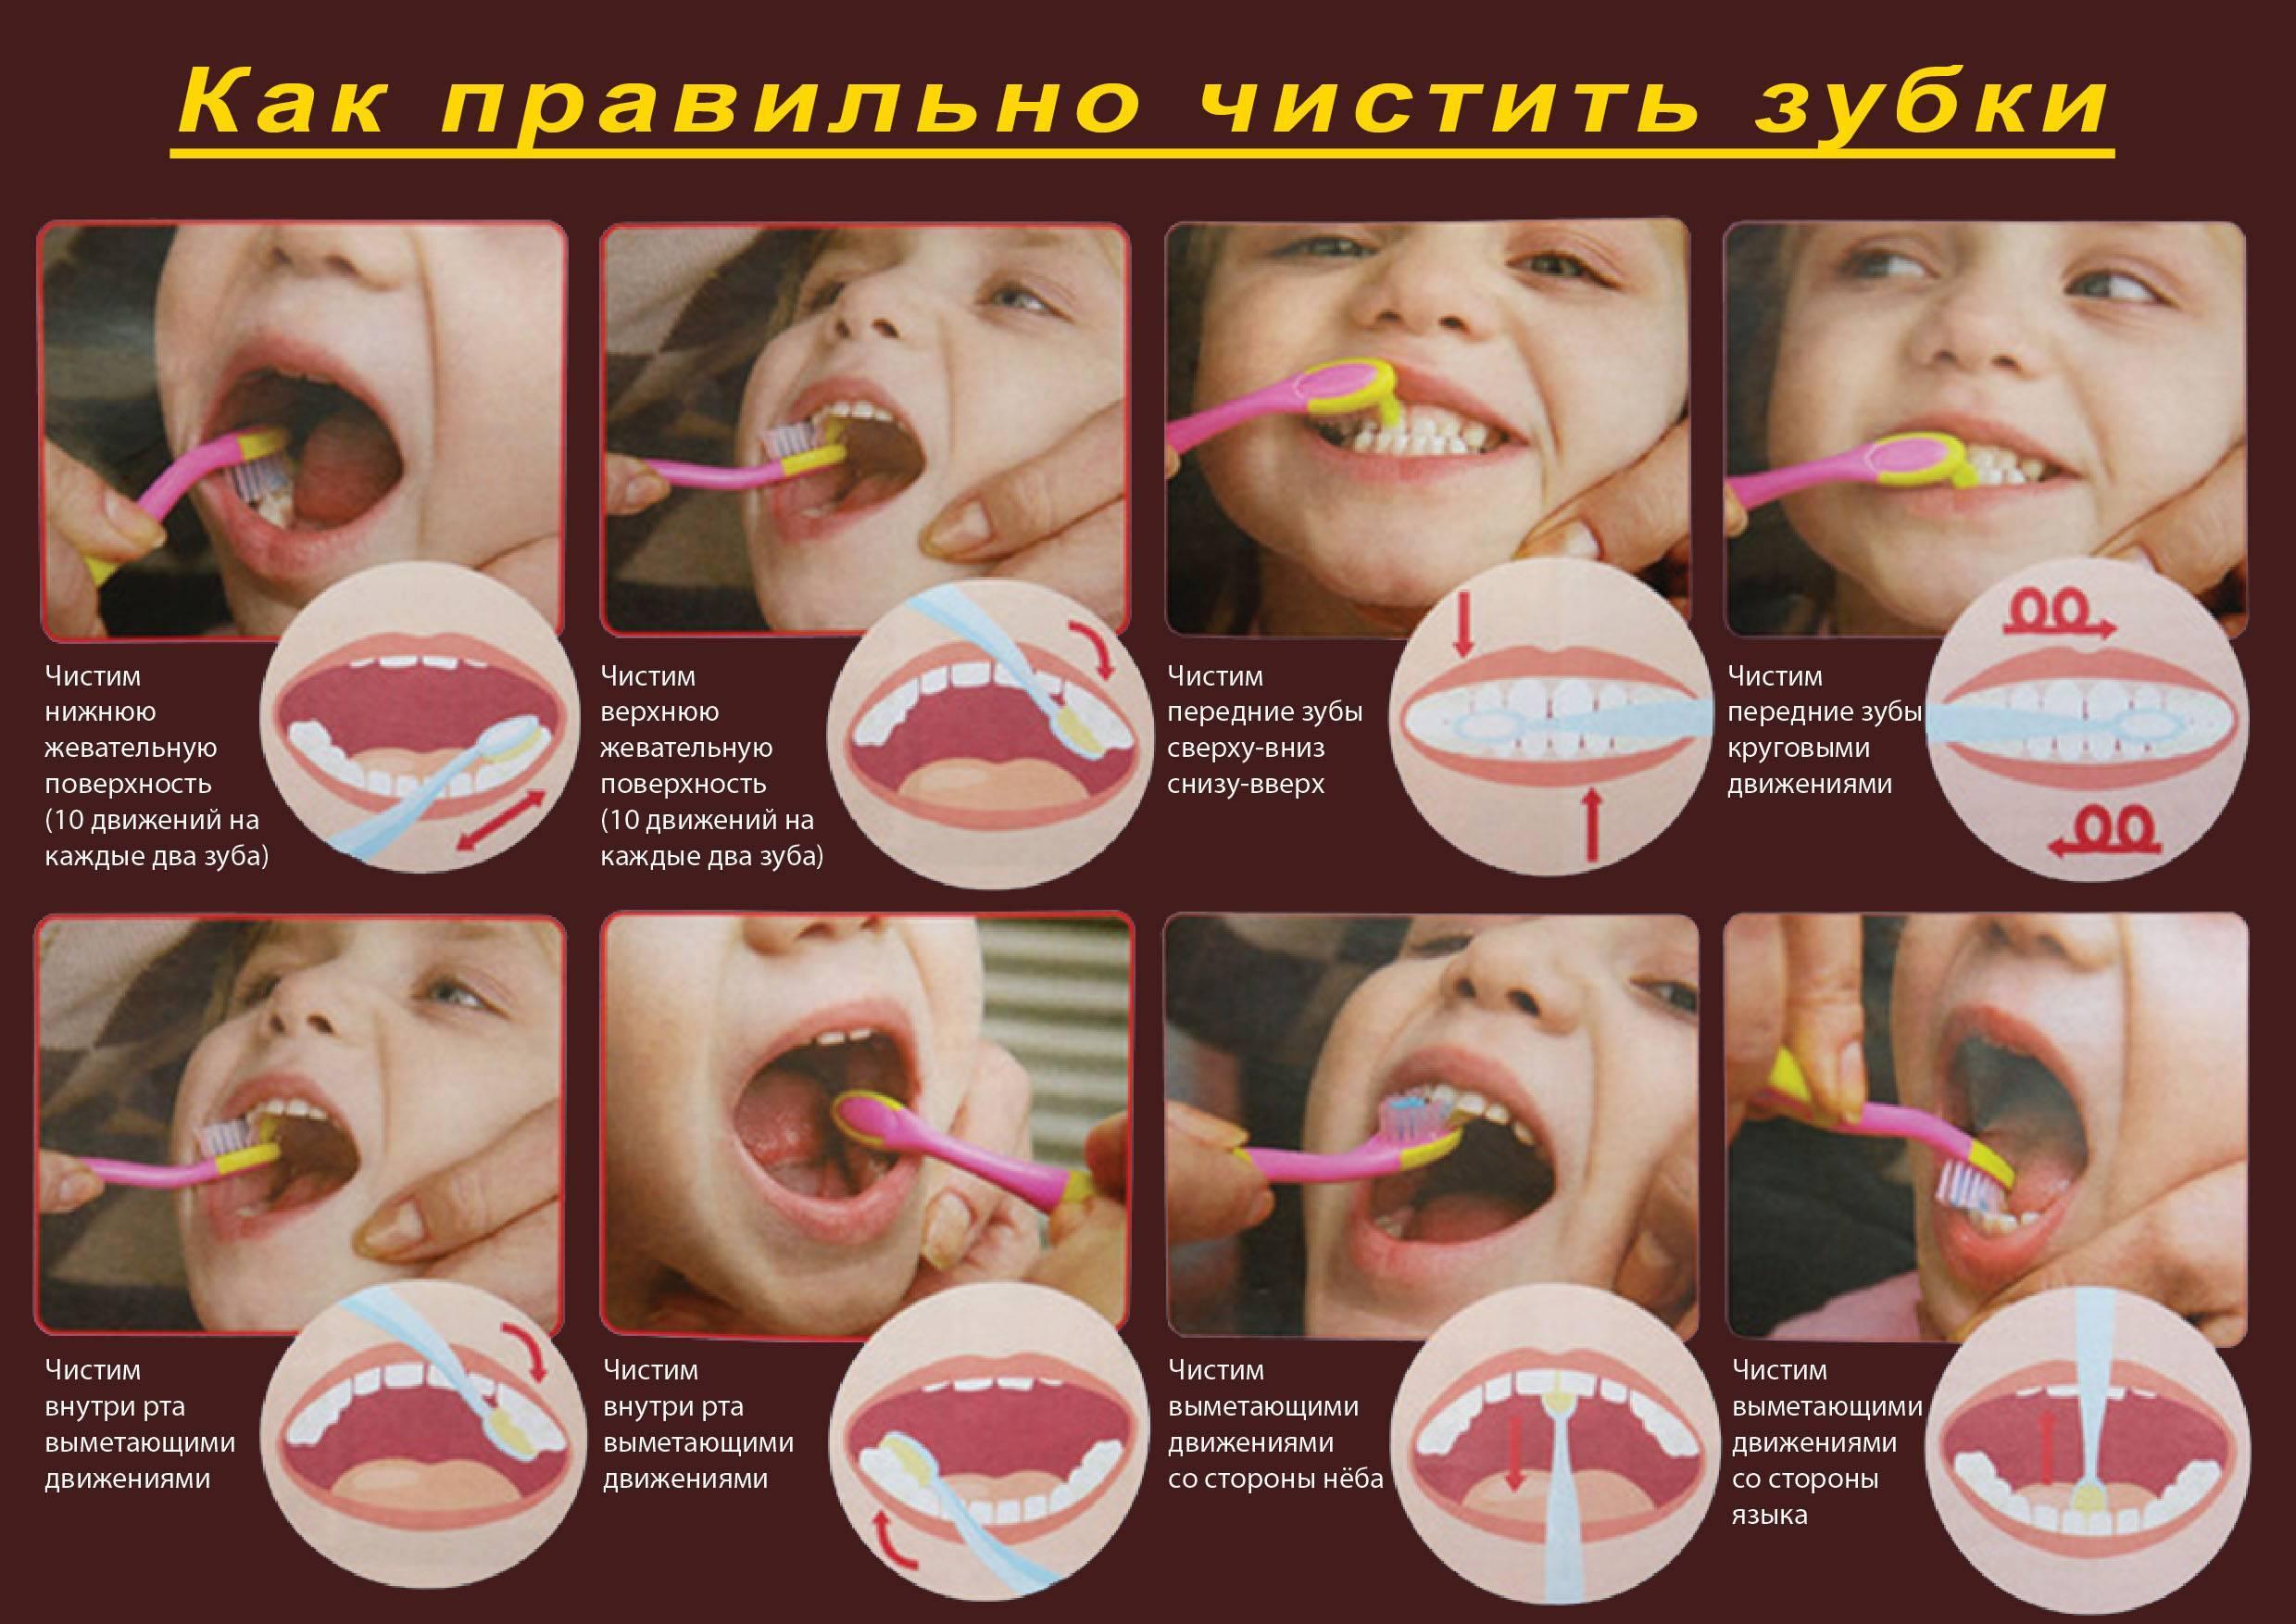 Как научить ребенка чистить зубы | уроки для мам